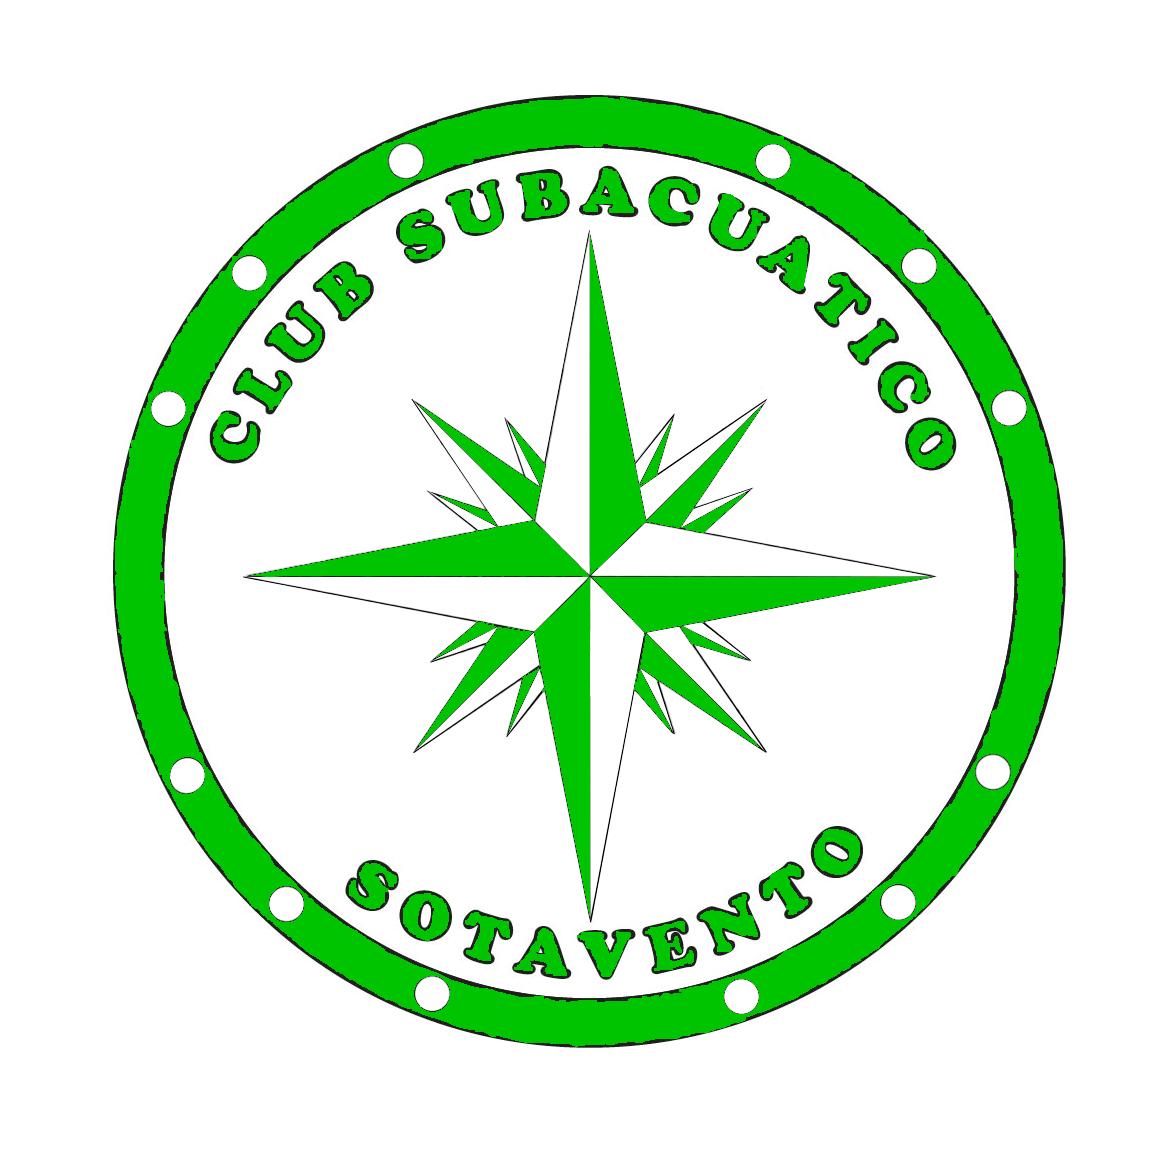 CLUB SUBACUATICO SOTAVENTO